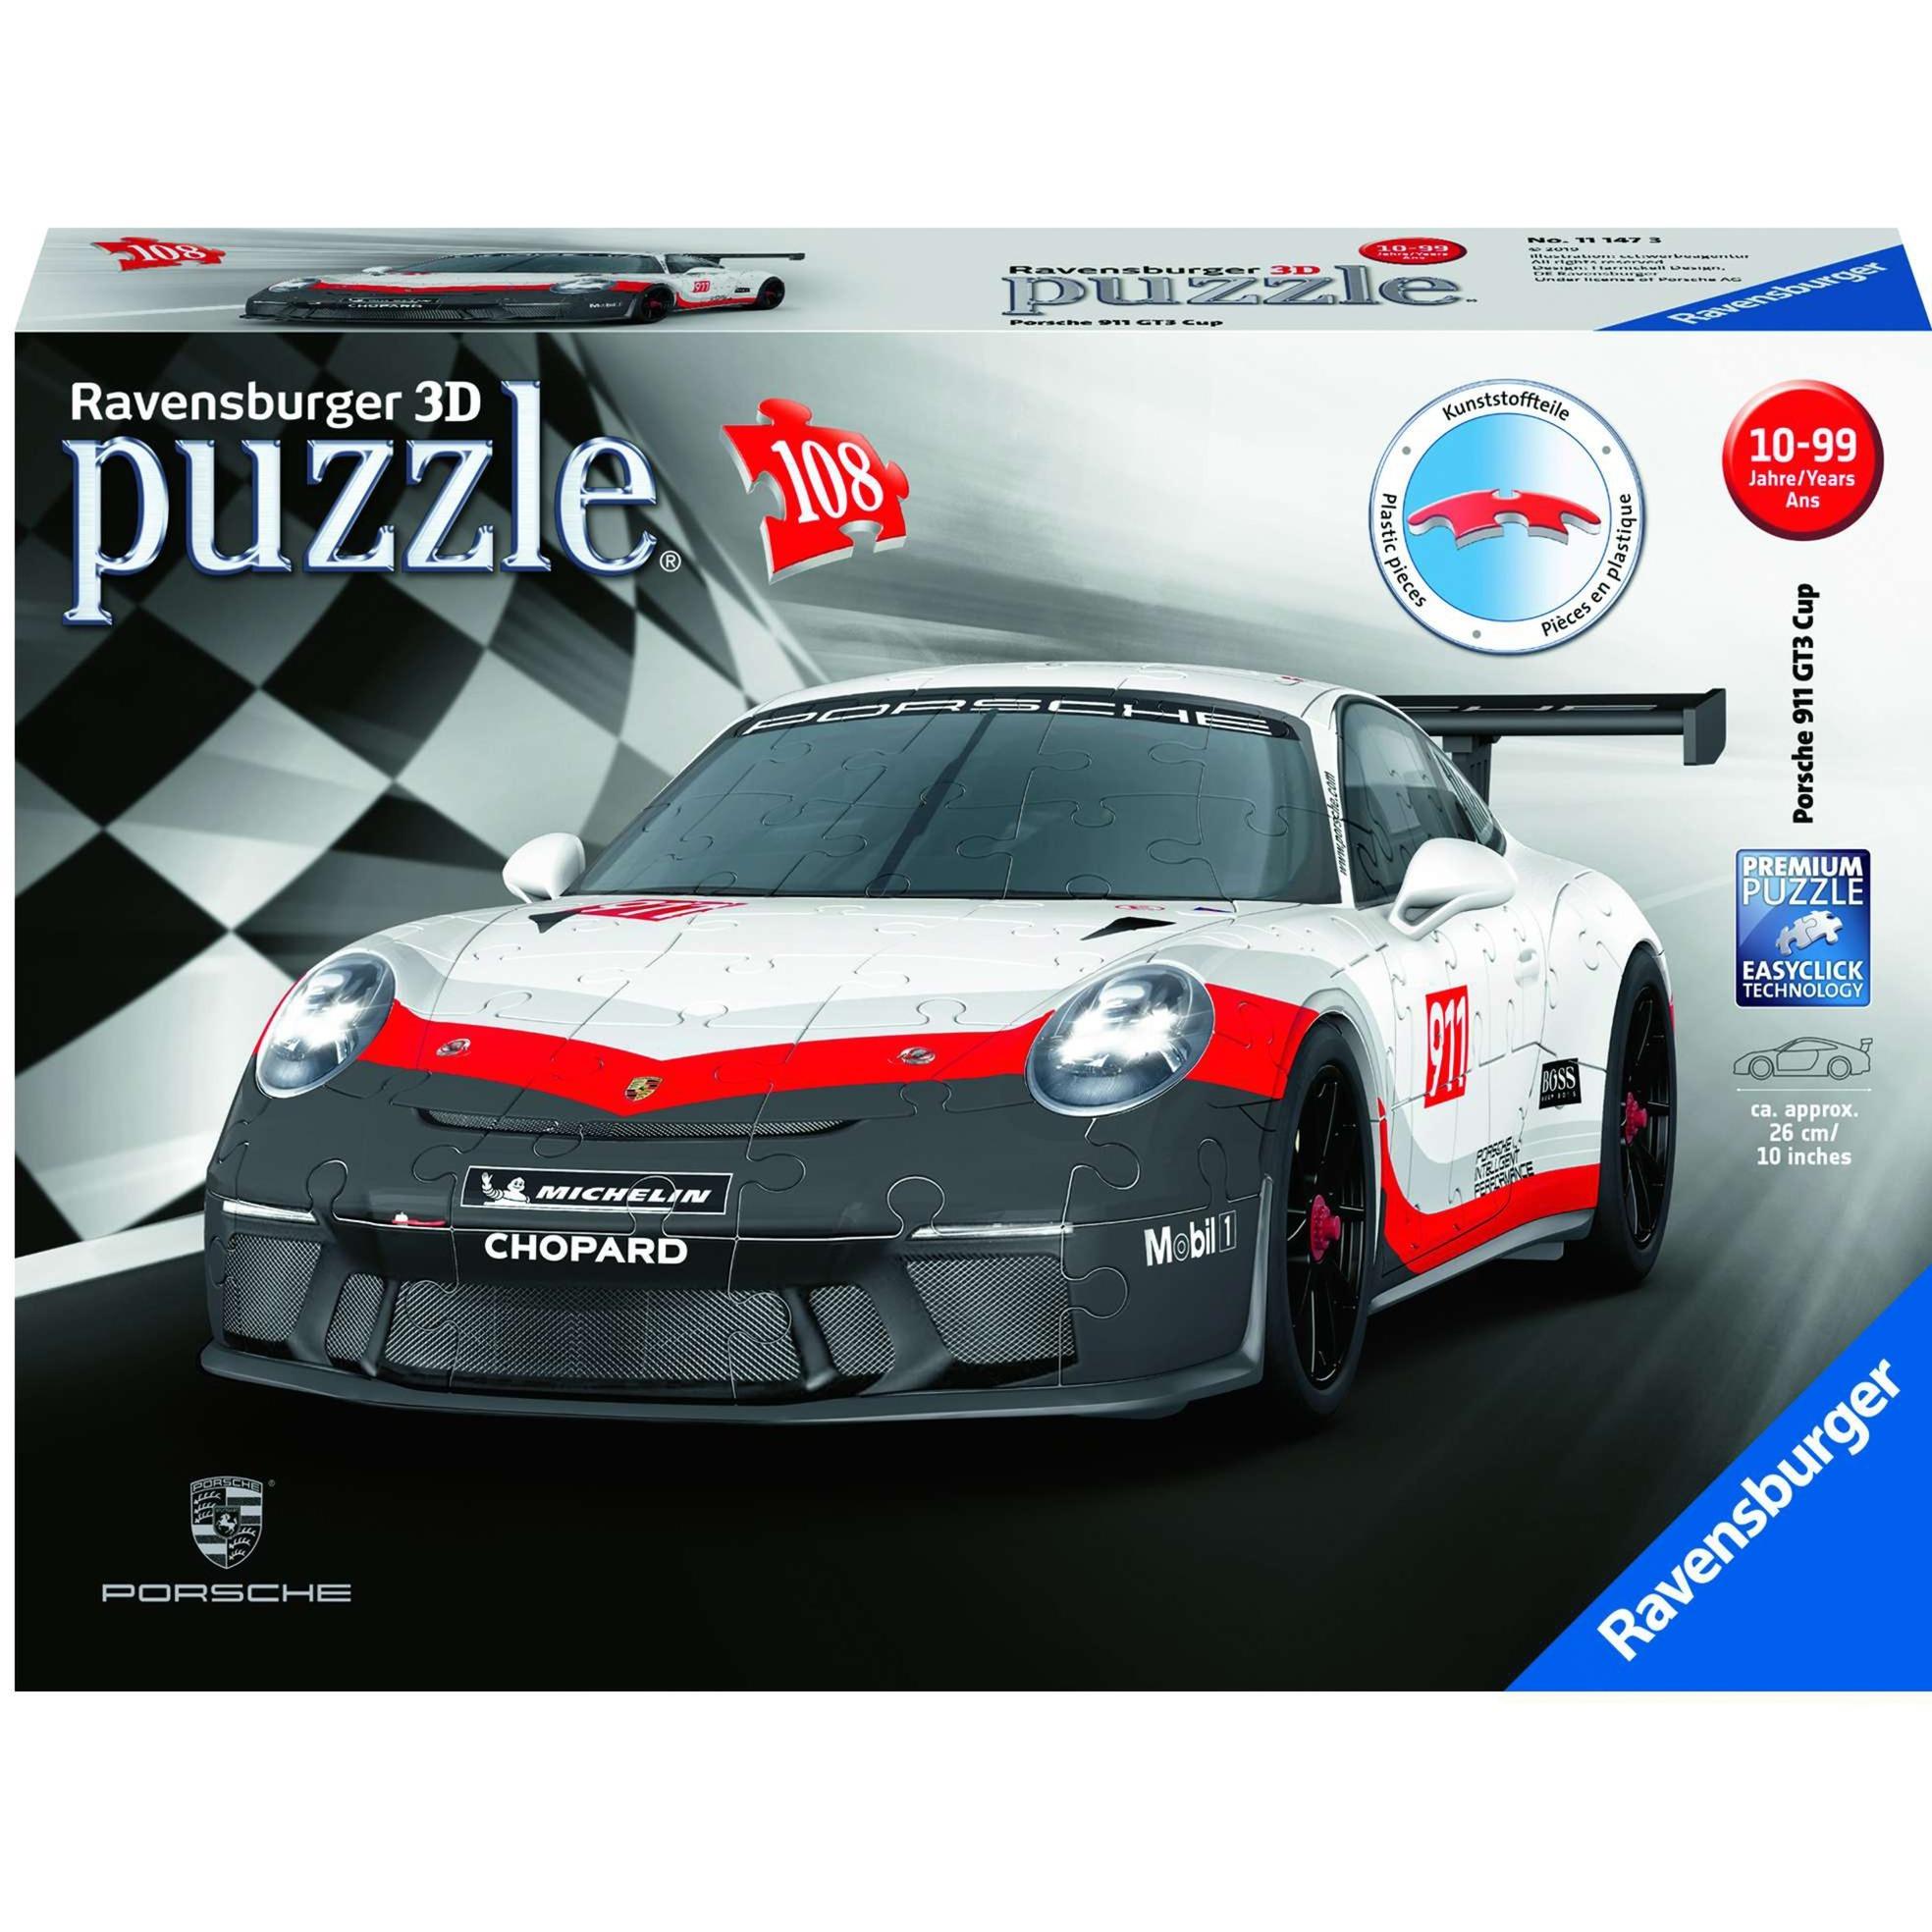 00.011.147 puzle 3D, Puzzle